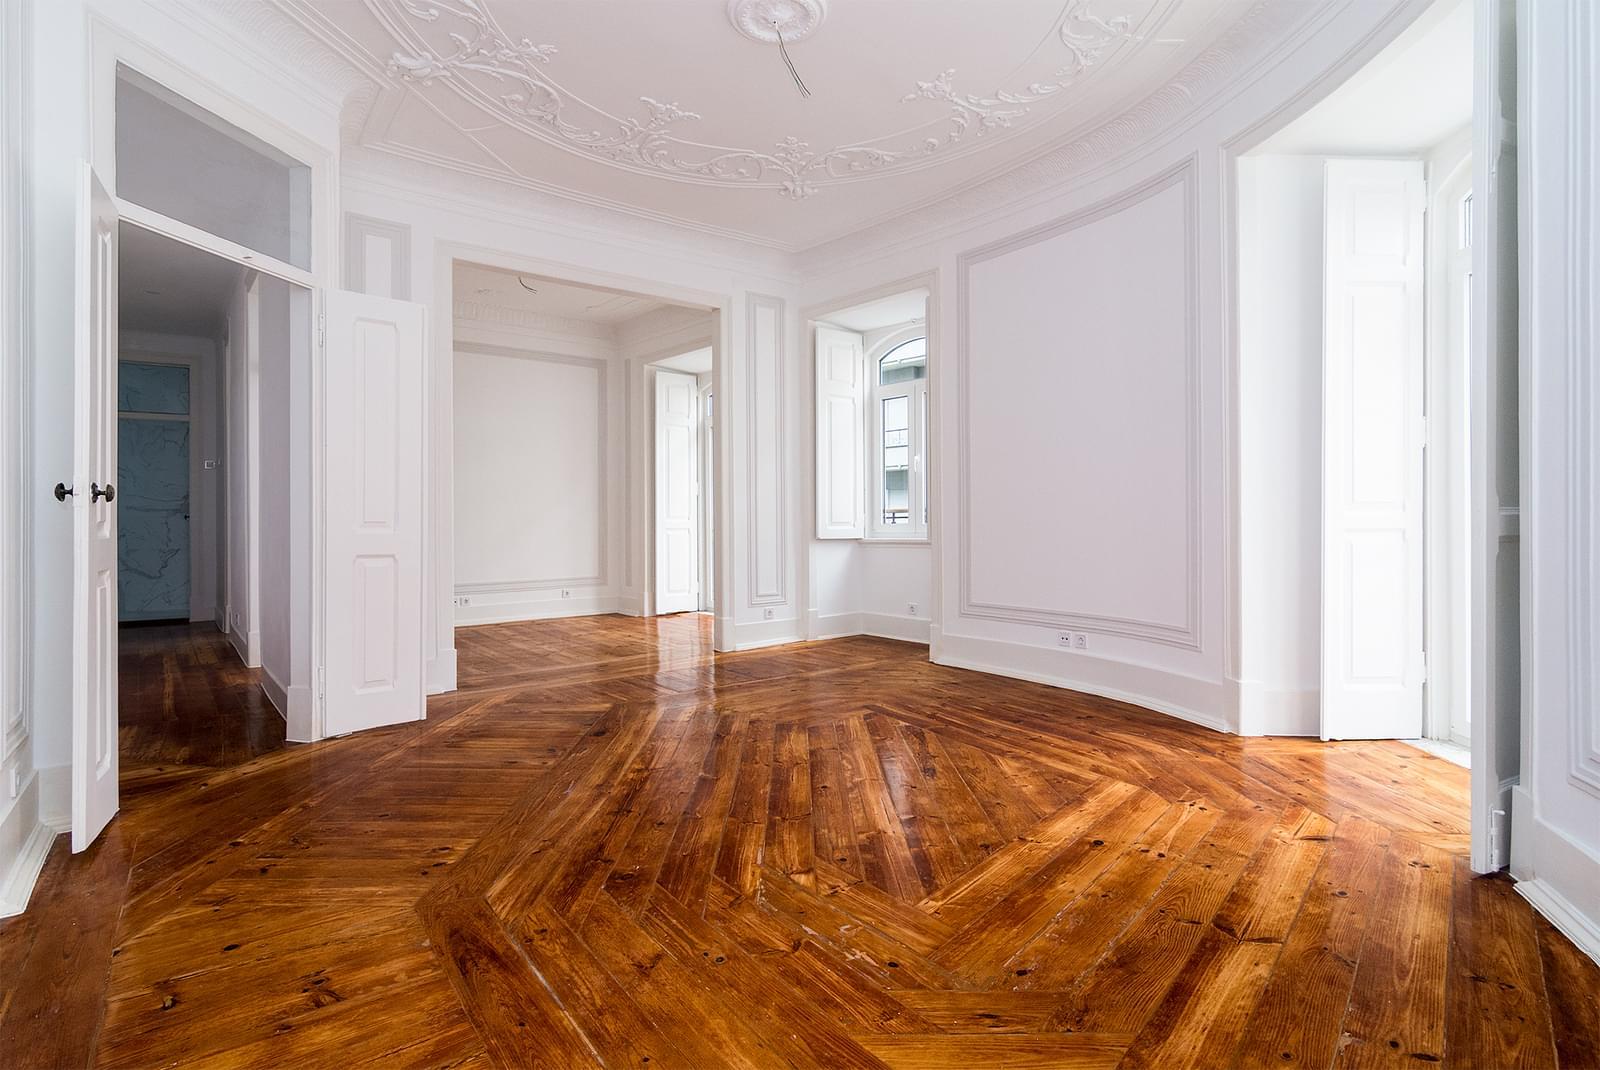 pf17267-apartamento-t3-lisboa-29eefb68-9301-4f00-83be-83a25eb1d27c